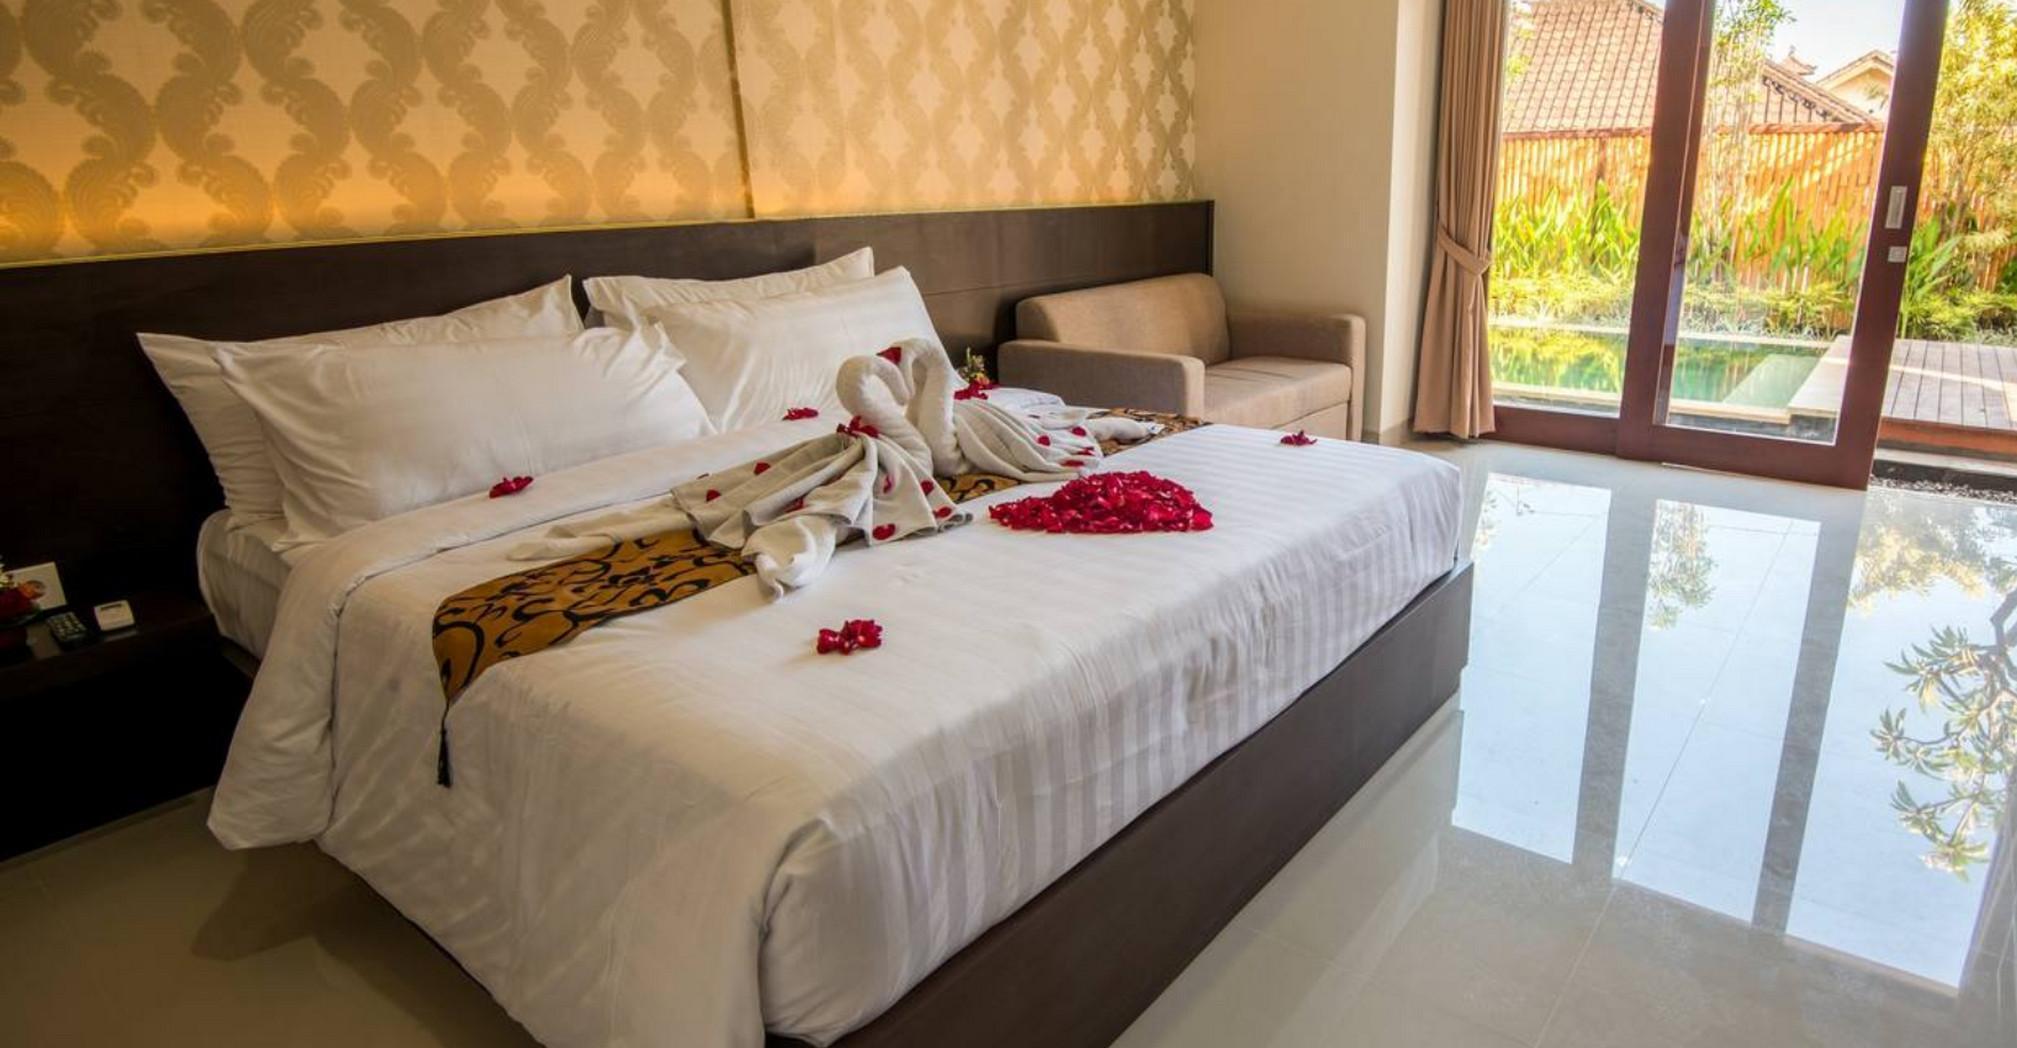 Bed and breakfast! Huge guest room in #Legian 4